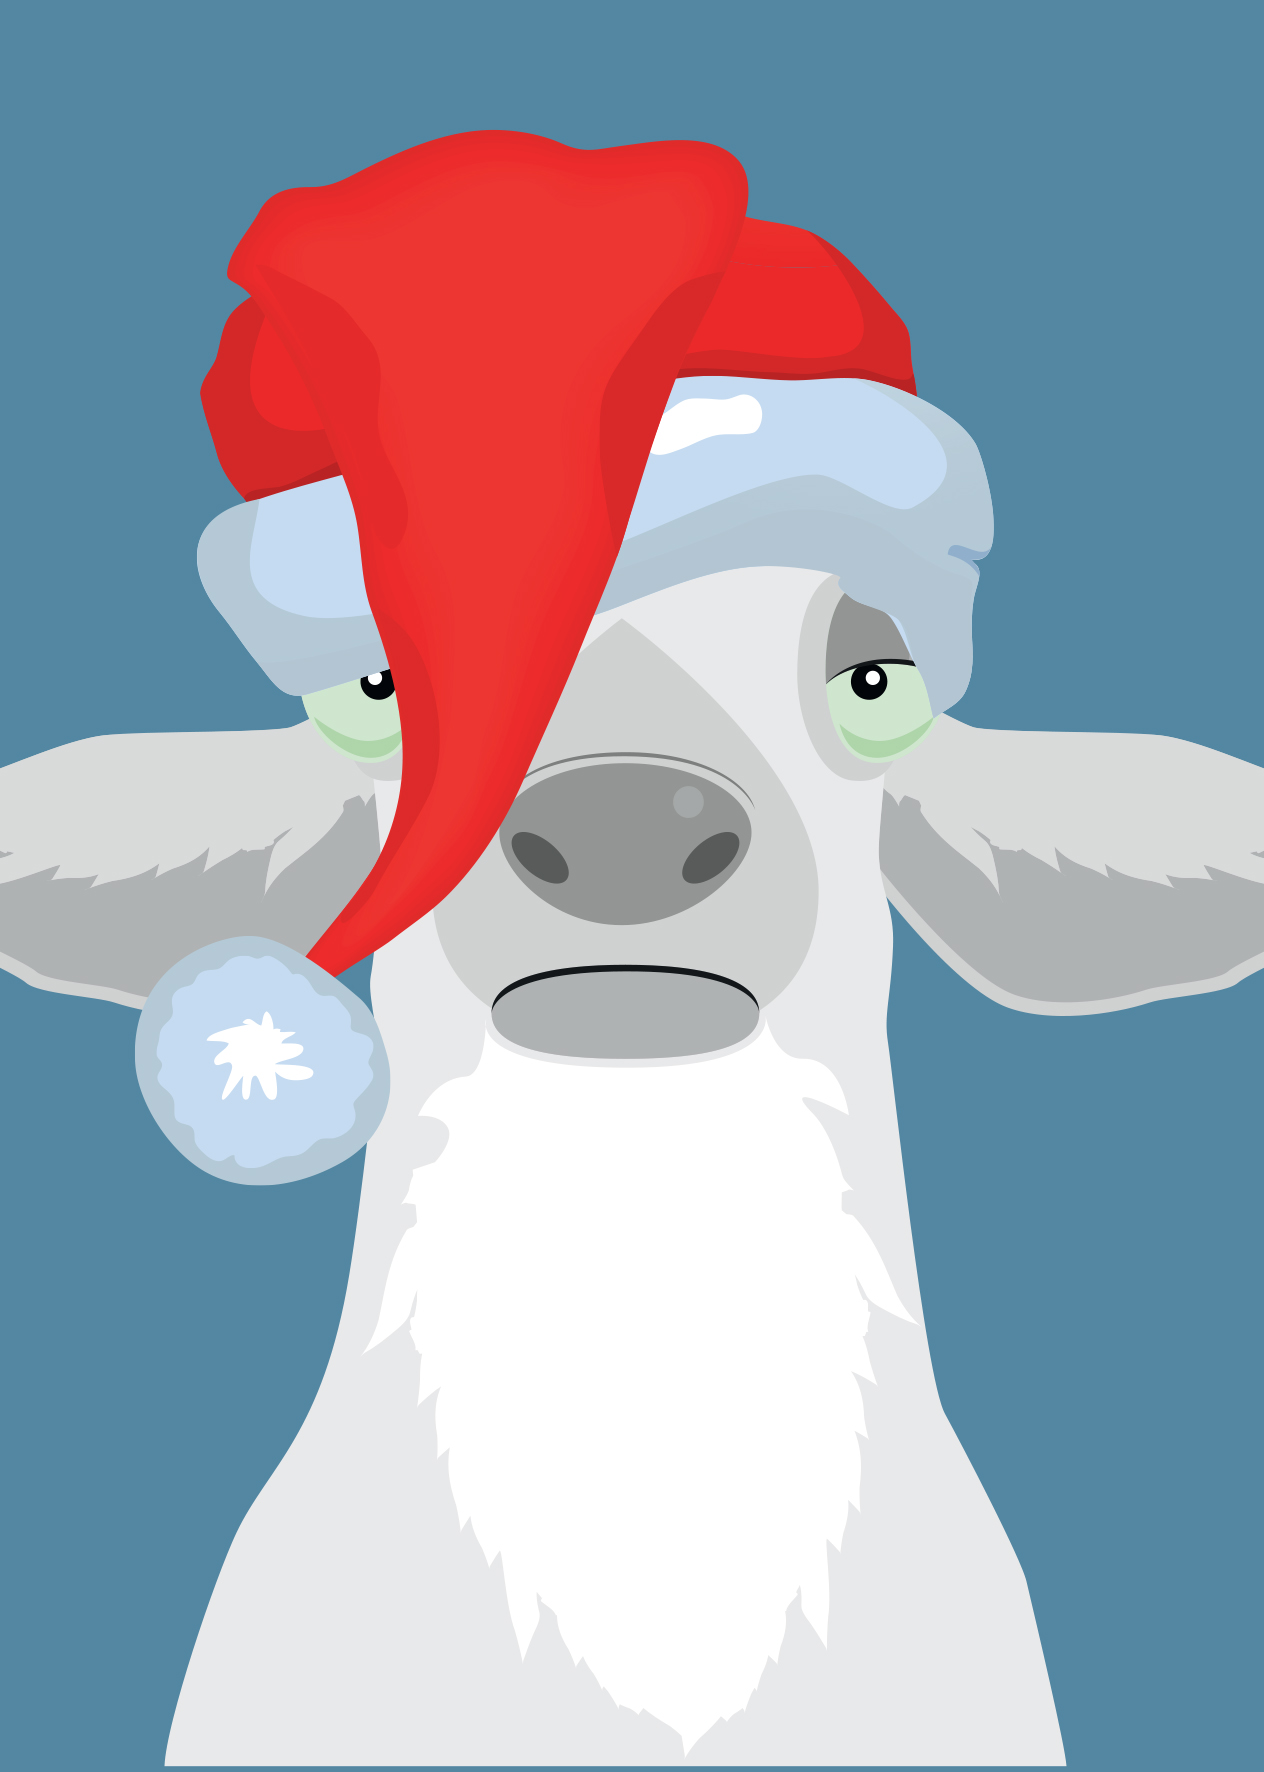 Kostenlose Layouts und Schriften zu Weihnachten | flyeralarm.com/blog/